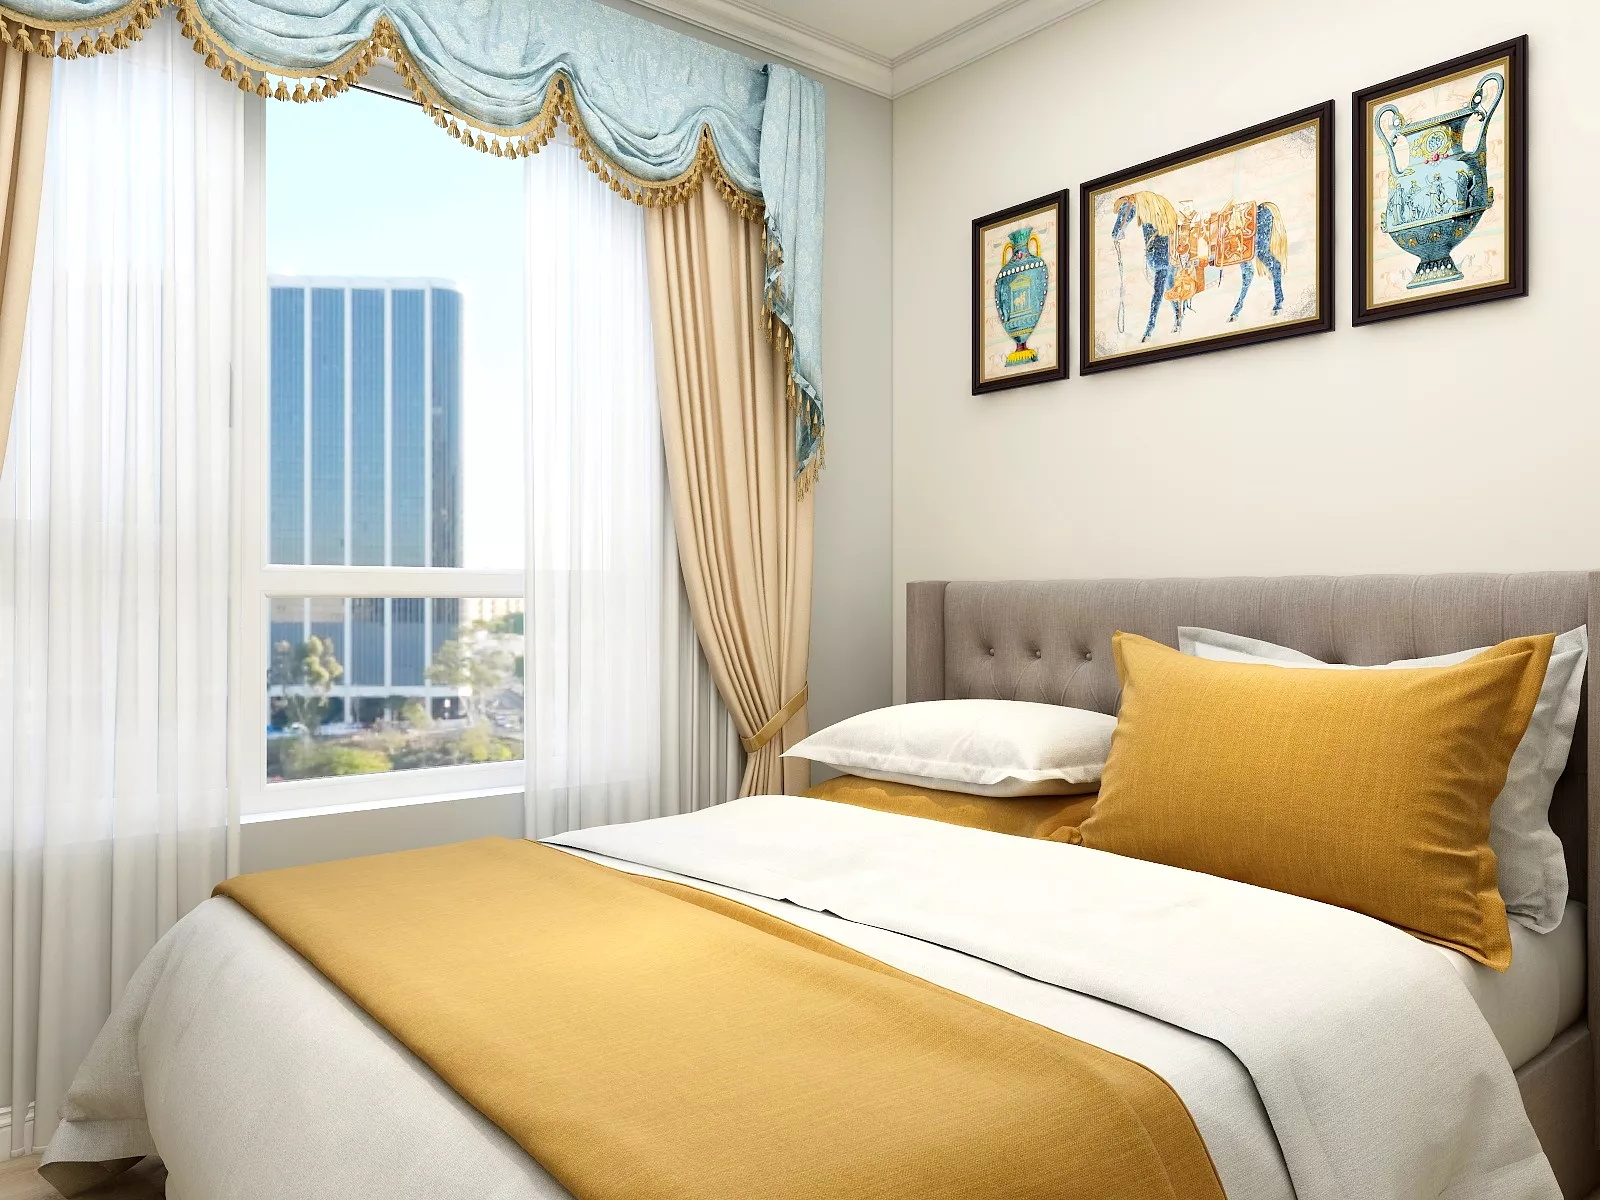 宜家风格实用简洁型客厅装修效果图